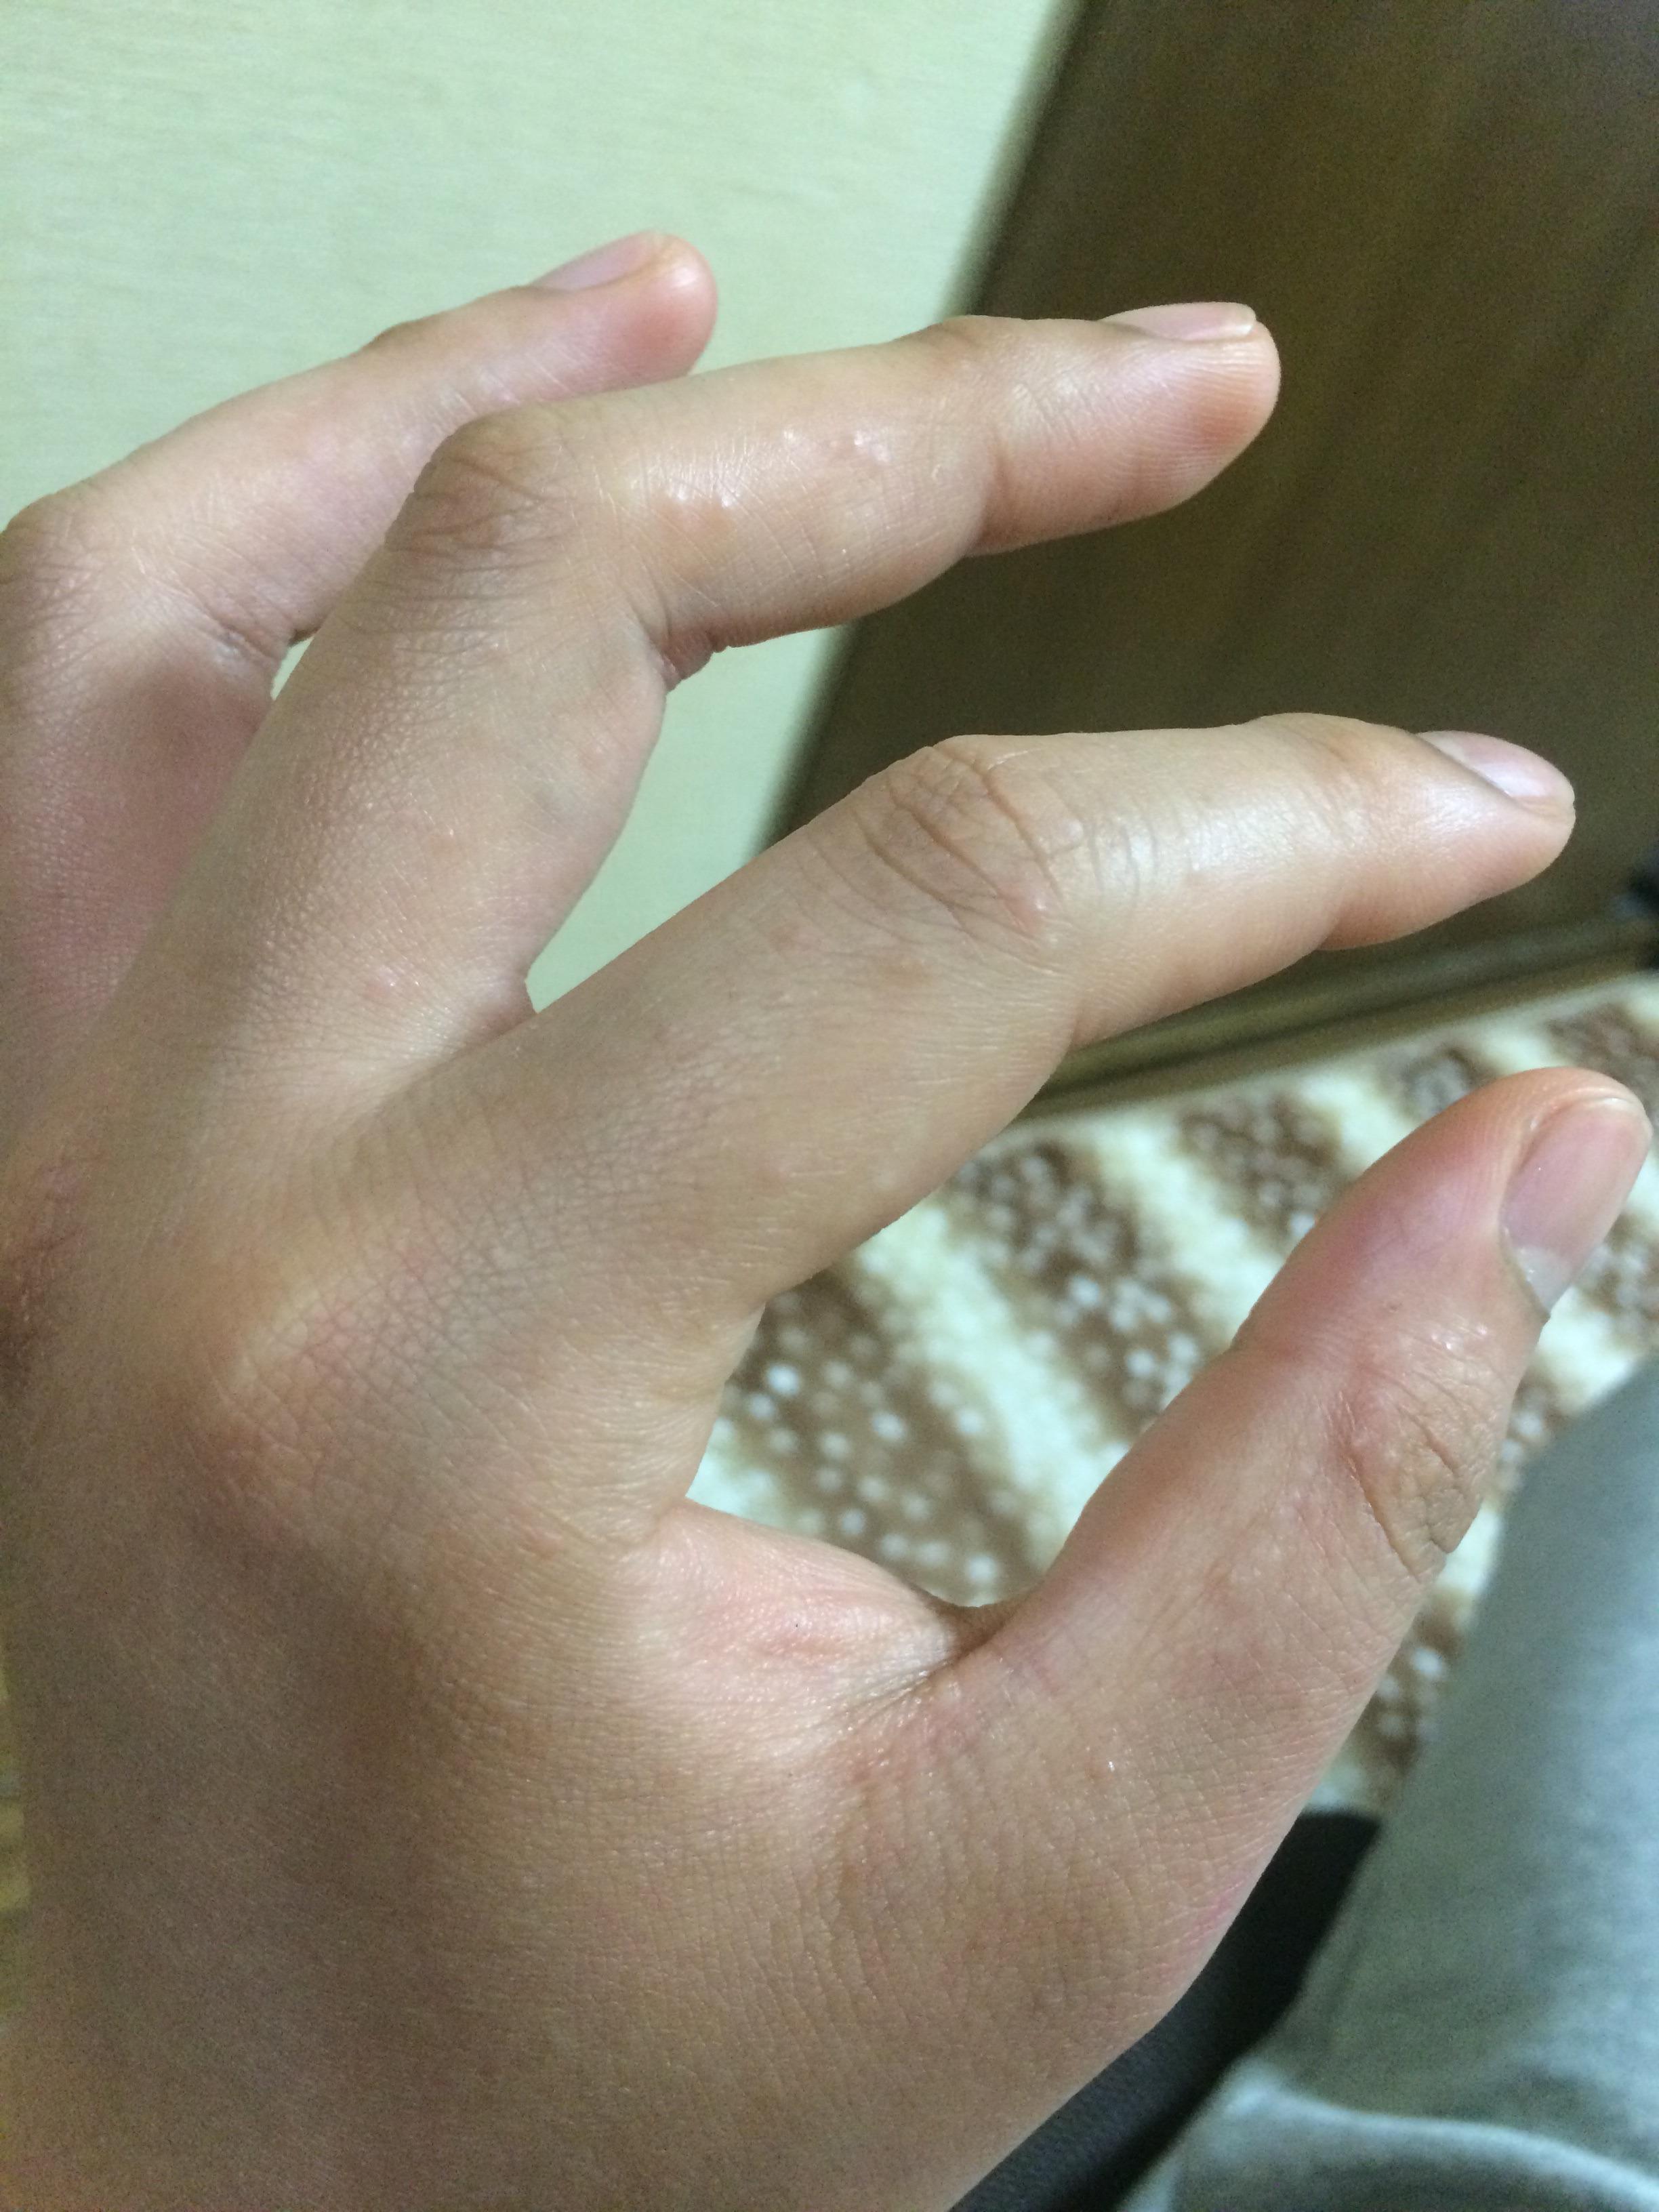 ぶつぶつ 透明 かゆい 手のひら